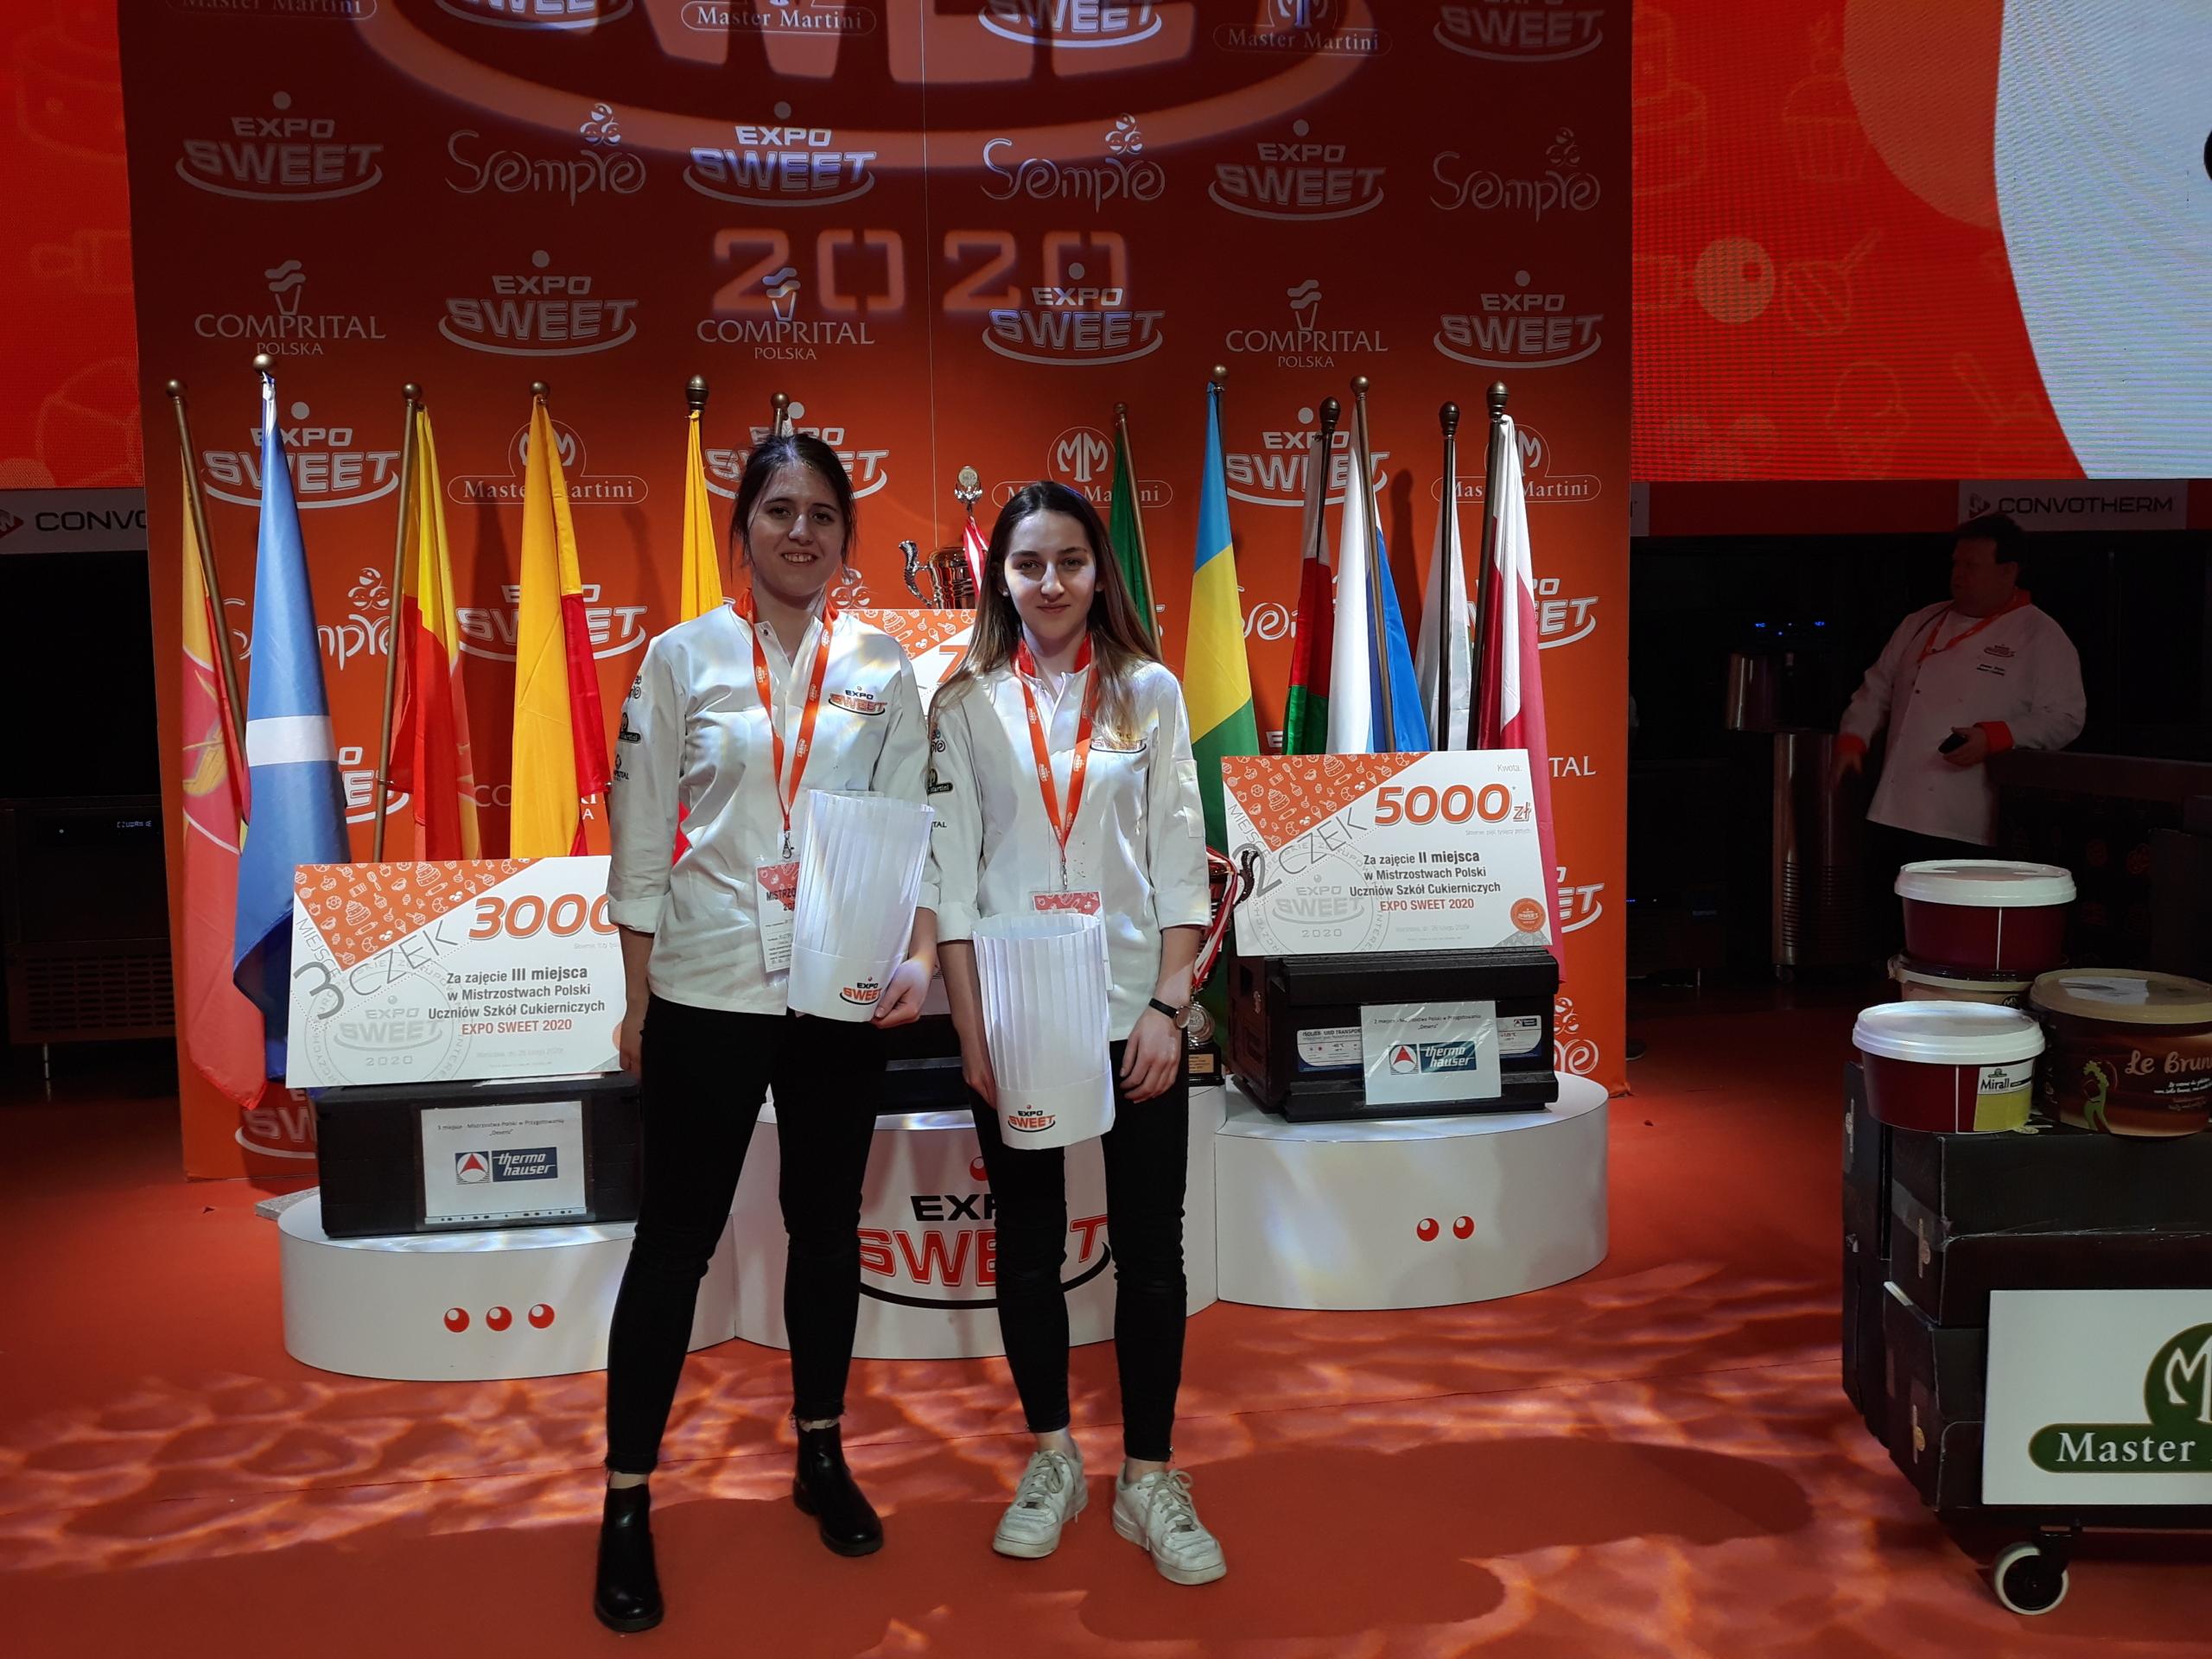 Dwie uczennice na tle ścianki wystawienniczej Expo Sweet 2020